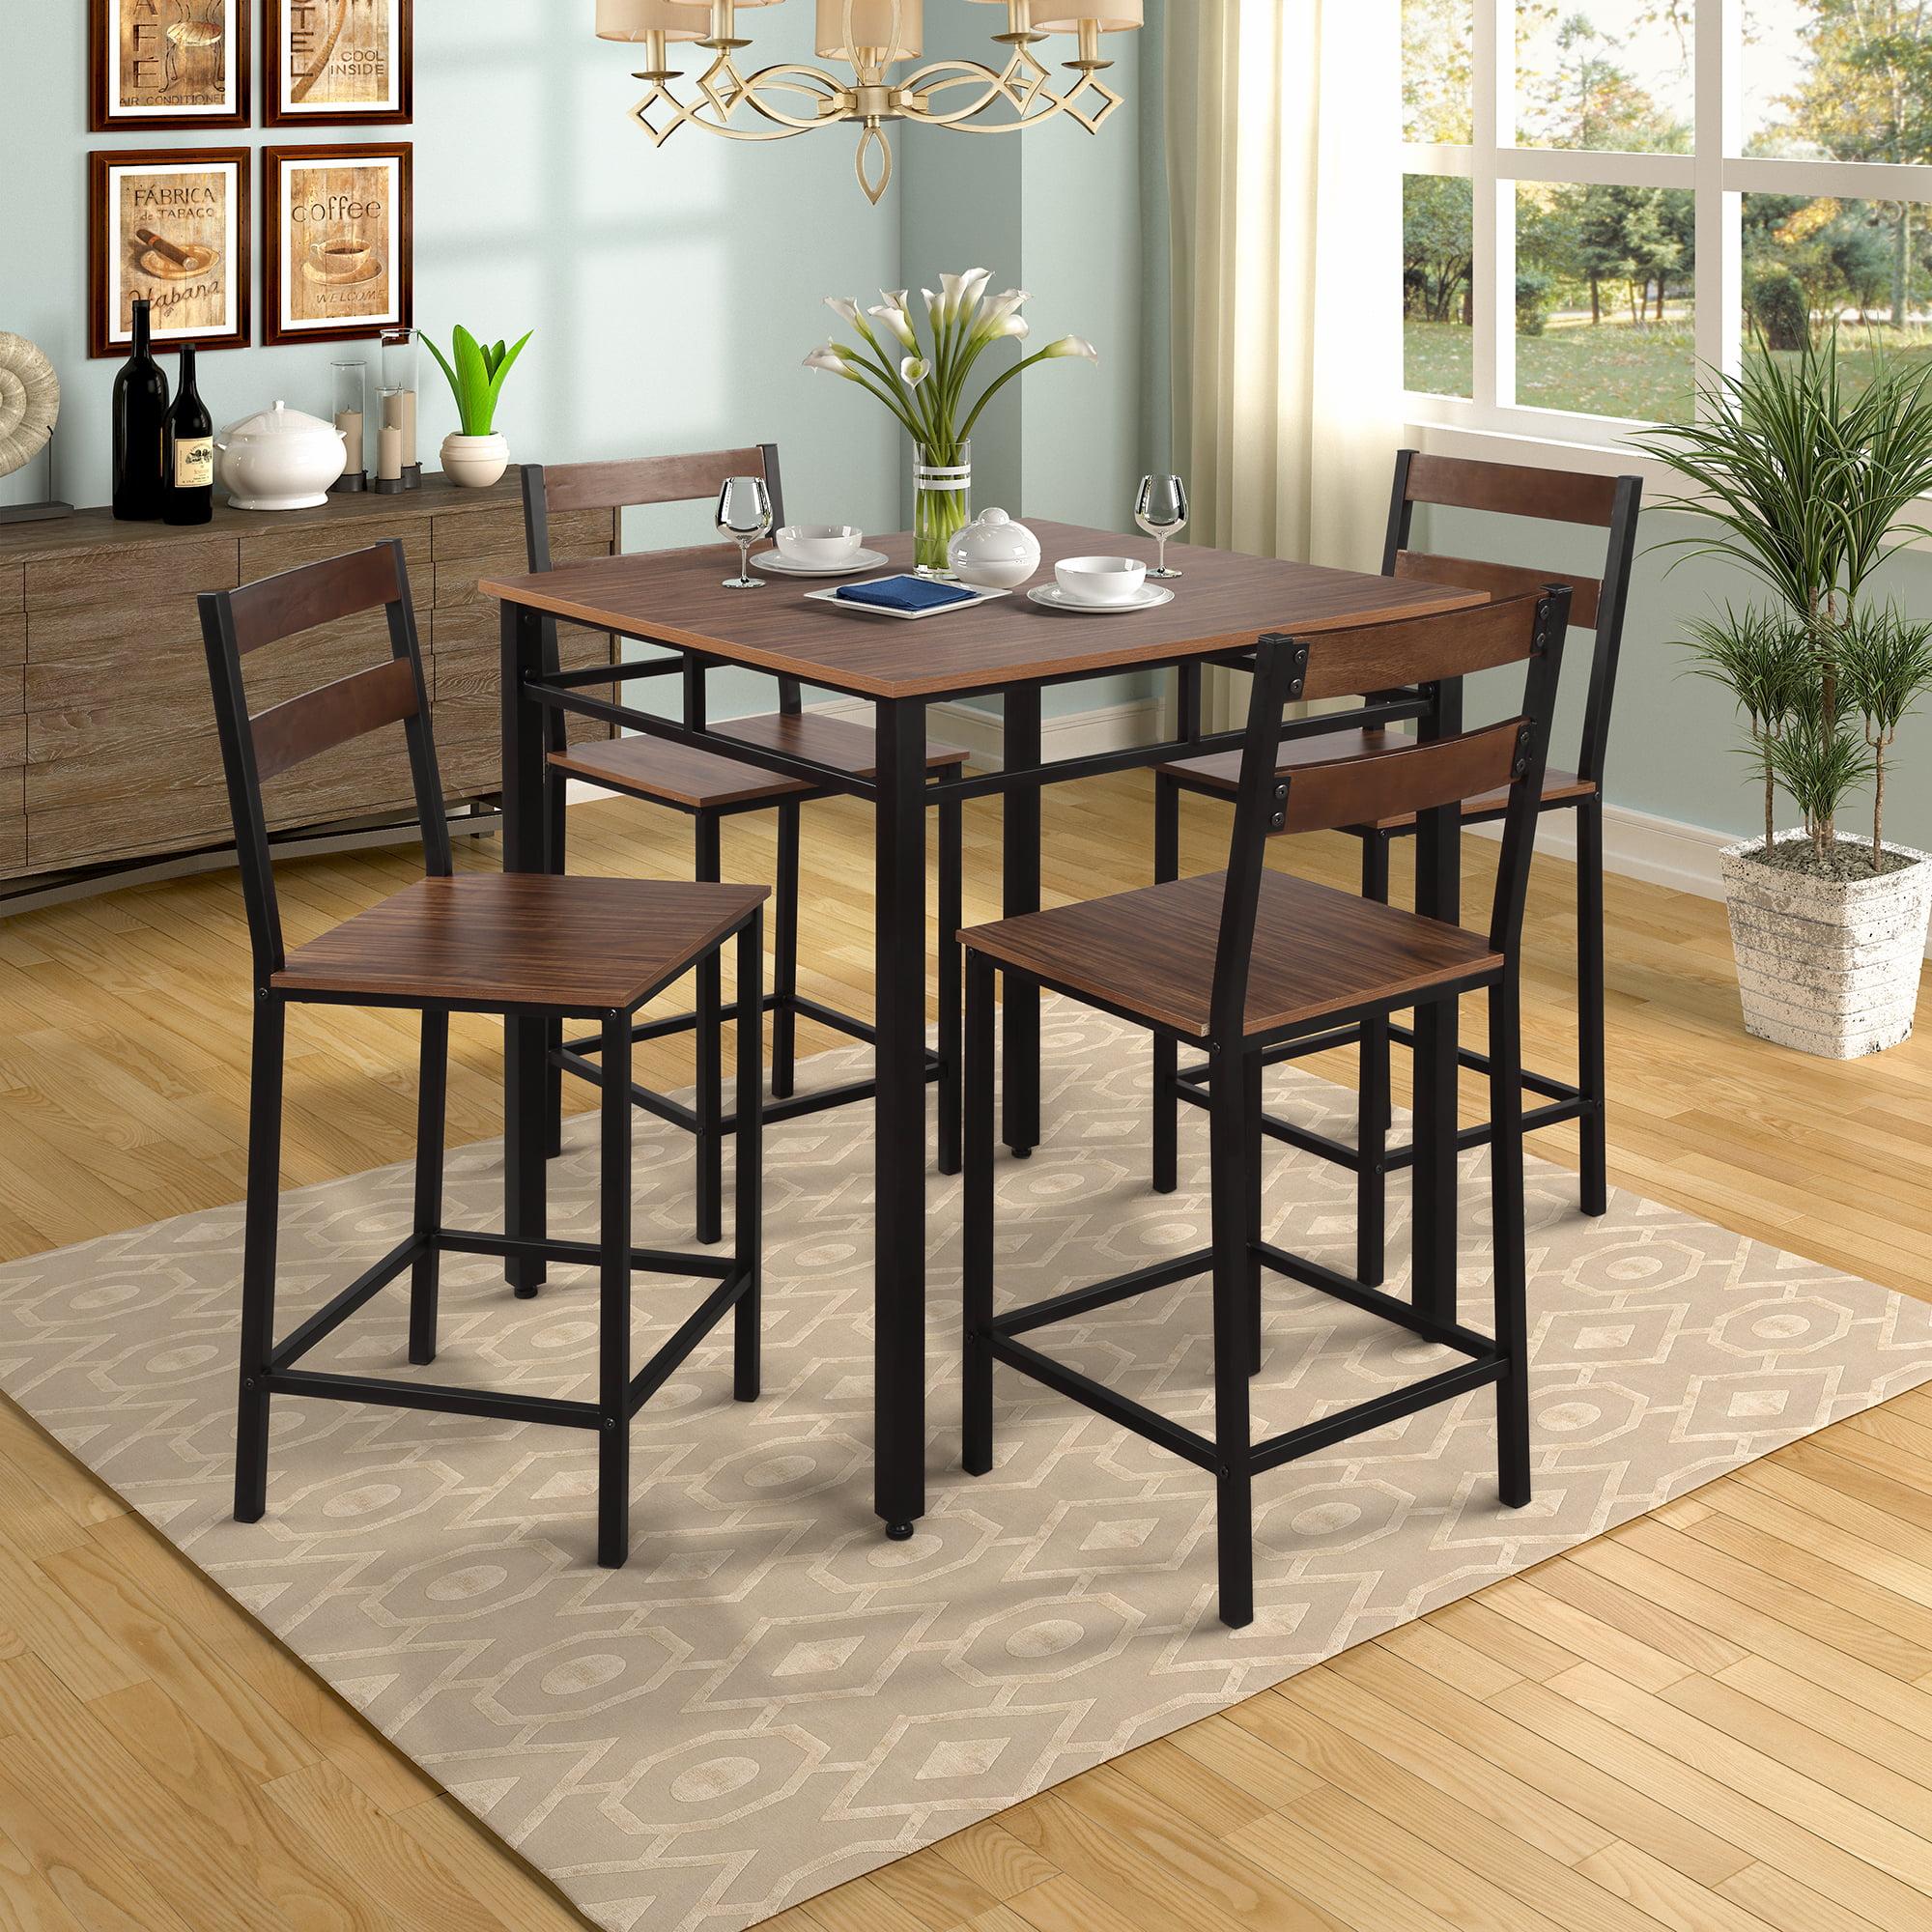 5 Piece Counter Height Dining Set Oak 2